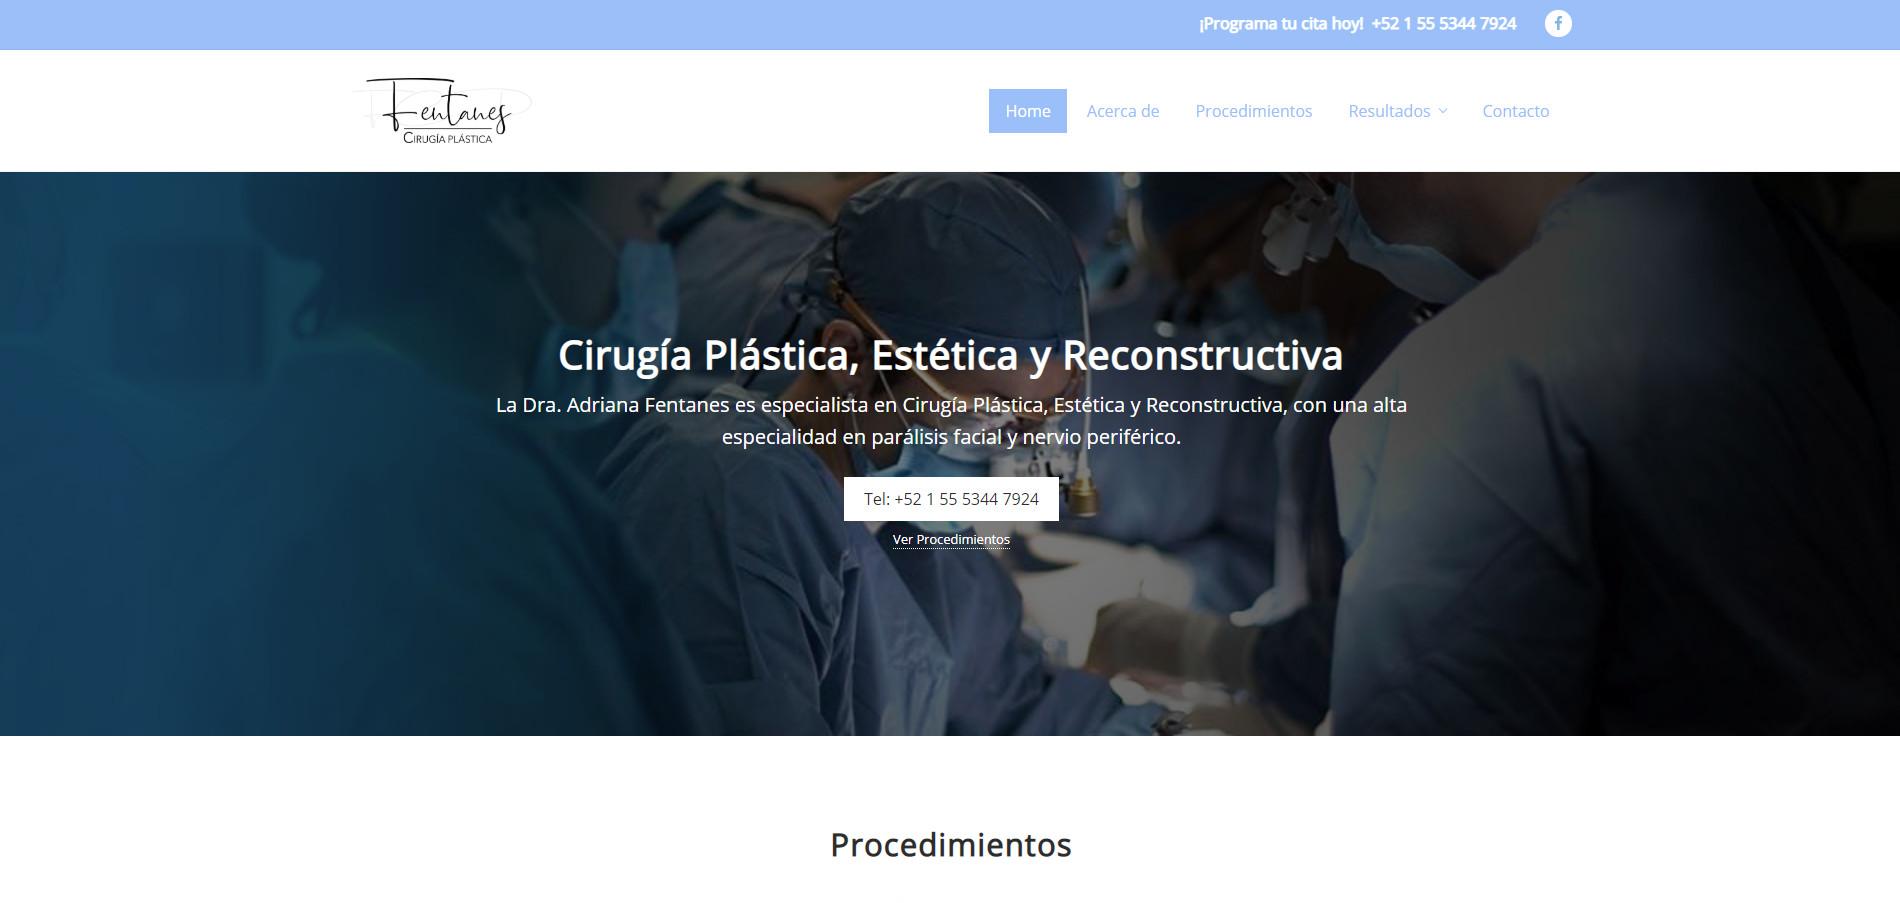 Dra. Adriana Fentanes - Cirugía Plástica